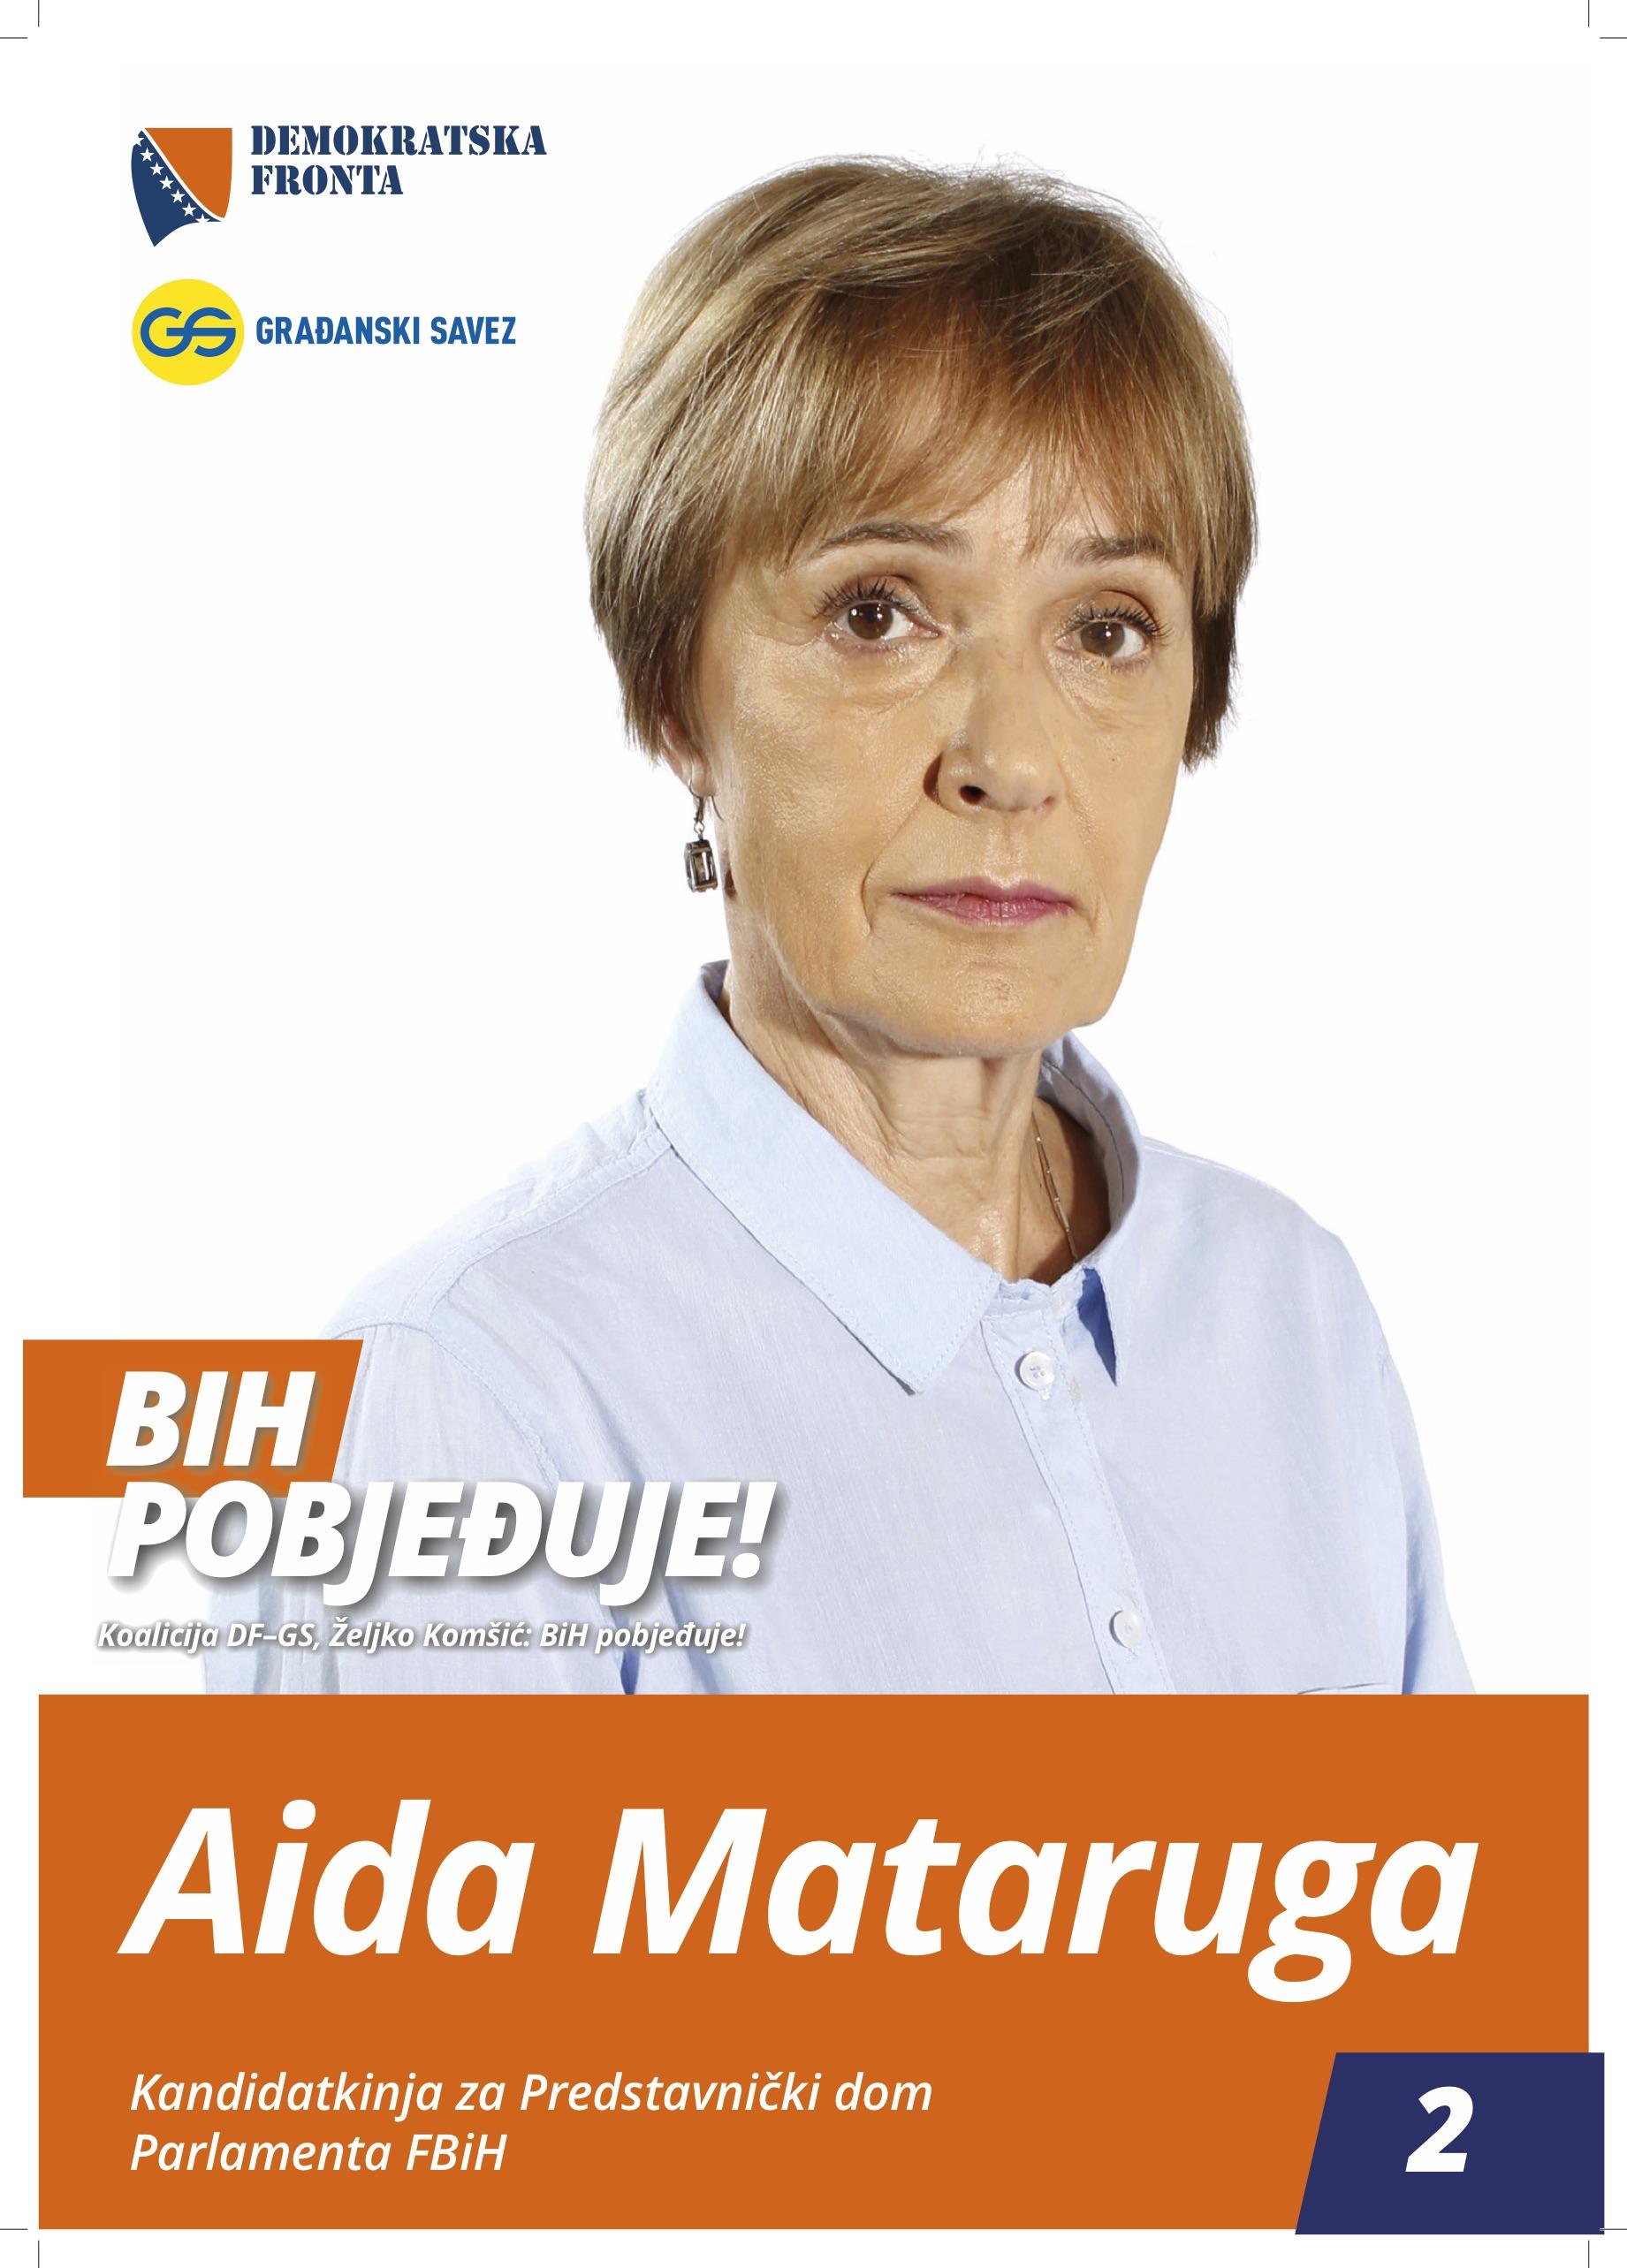 Aida Mataruga, doktor medicine, specijalista fizijatrije i rehabilitacije